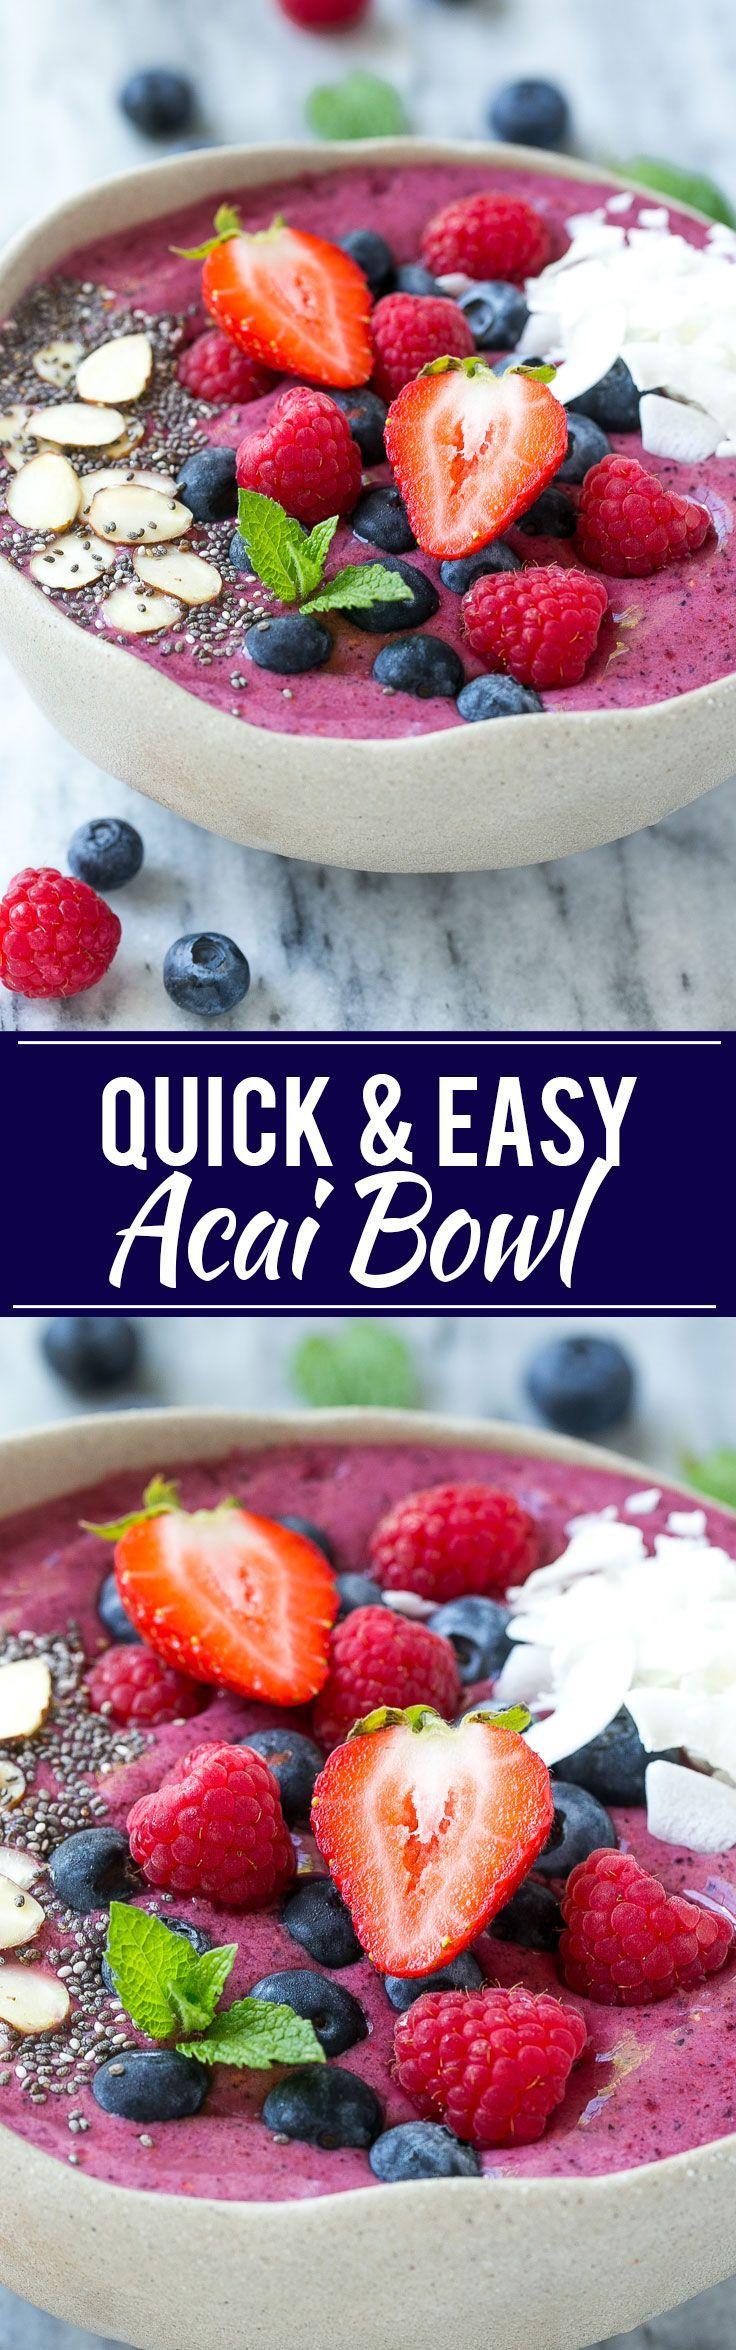 Acai Bowl Recipe   Easy Acai Bowl   Smoothie Bowl   Healthy Smoothie Recipe